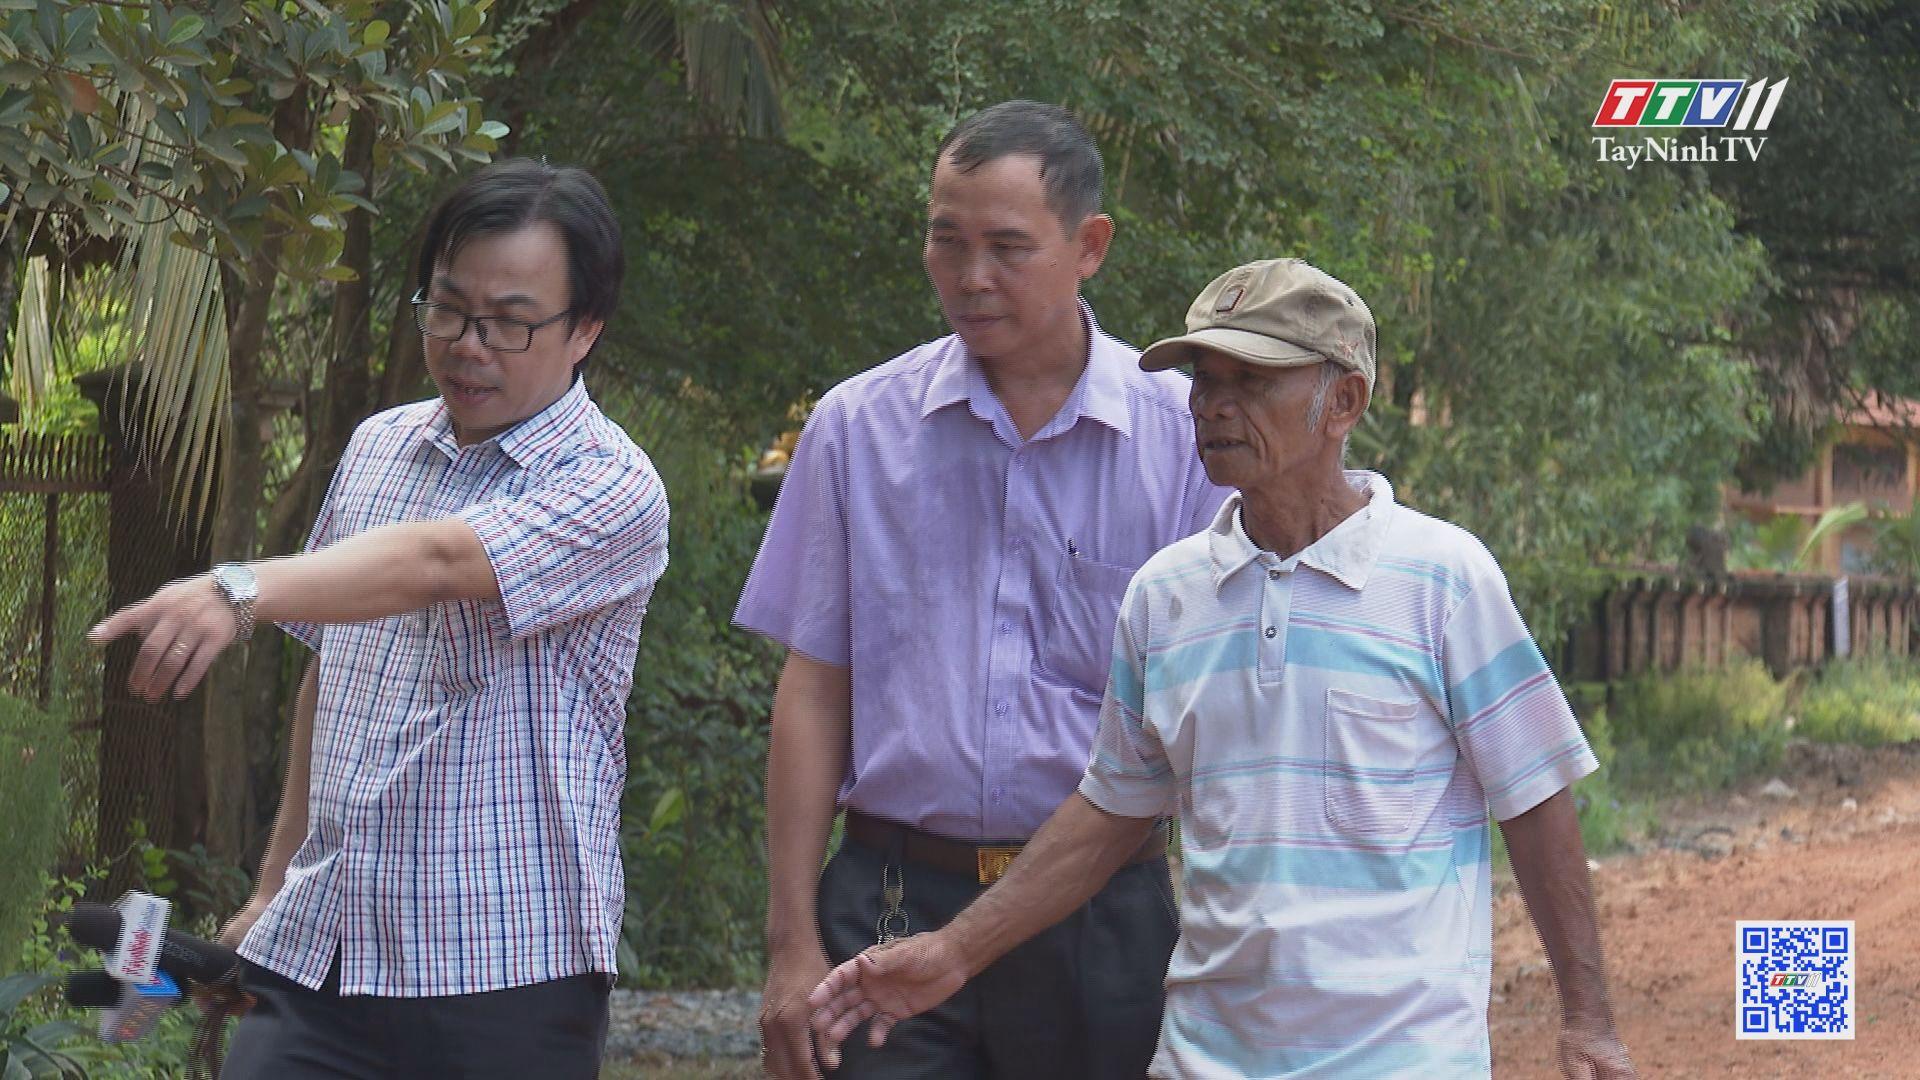 Tây Ninh phấn đấu có 100% số xã đạt chuẩn nông thôn mới vào cuối năm 2025 | TayNinhTV